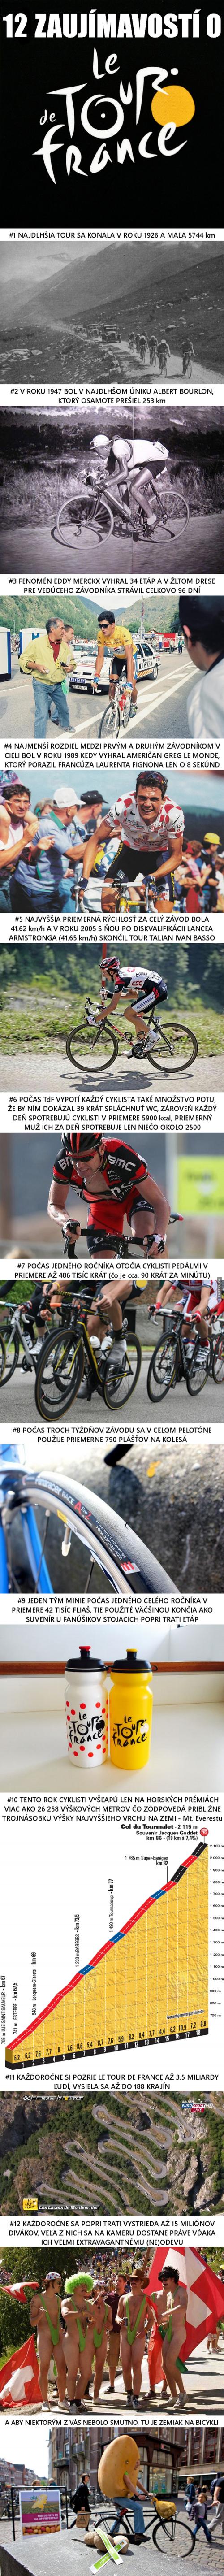 12 zajímavostí o Tour de France